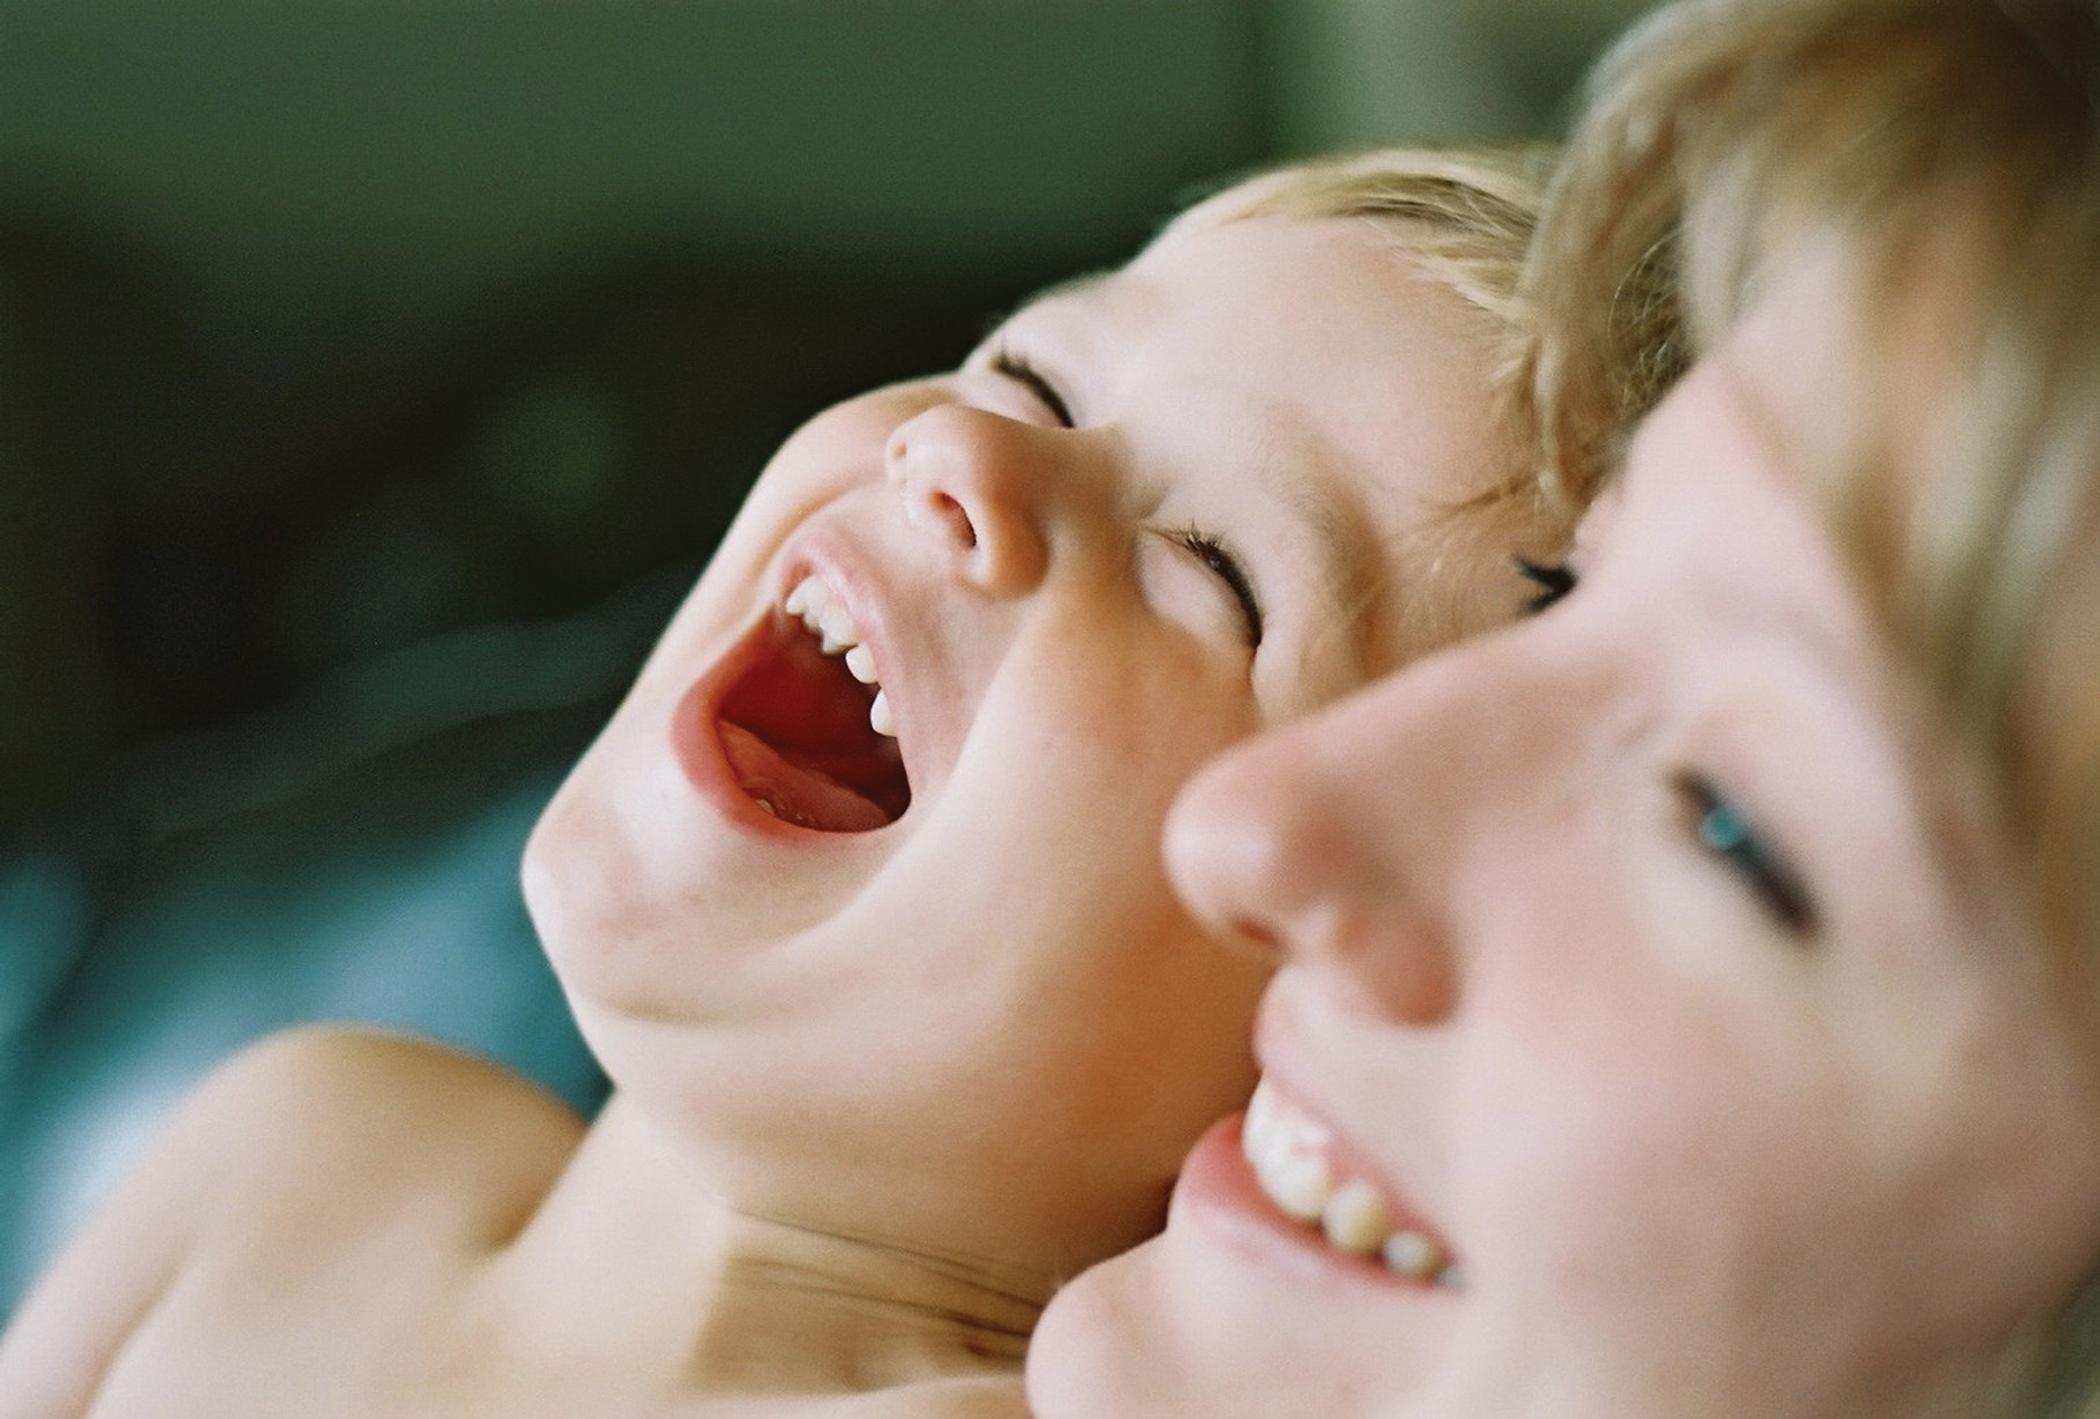 Русская мать и сын онлайн 7 фотография